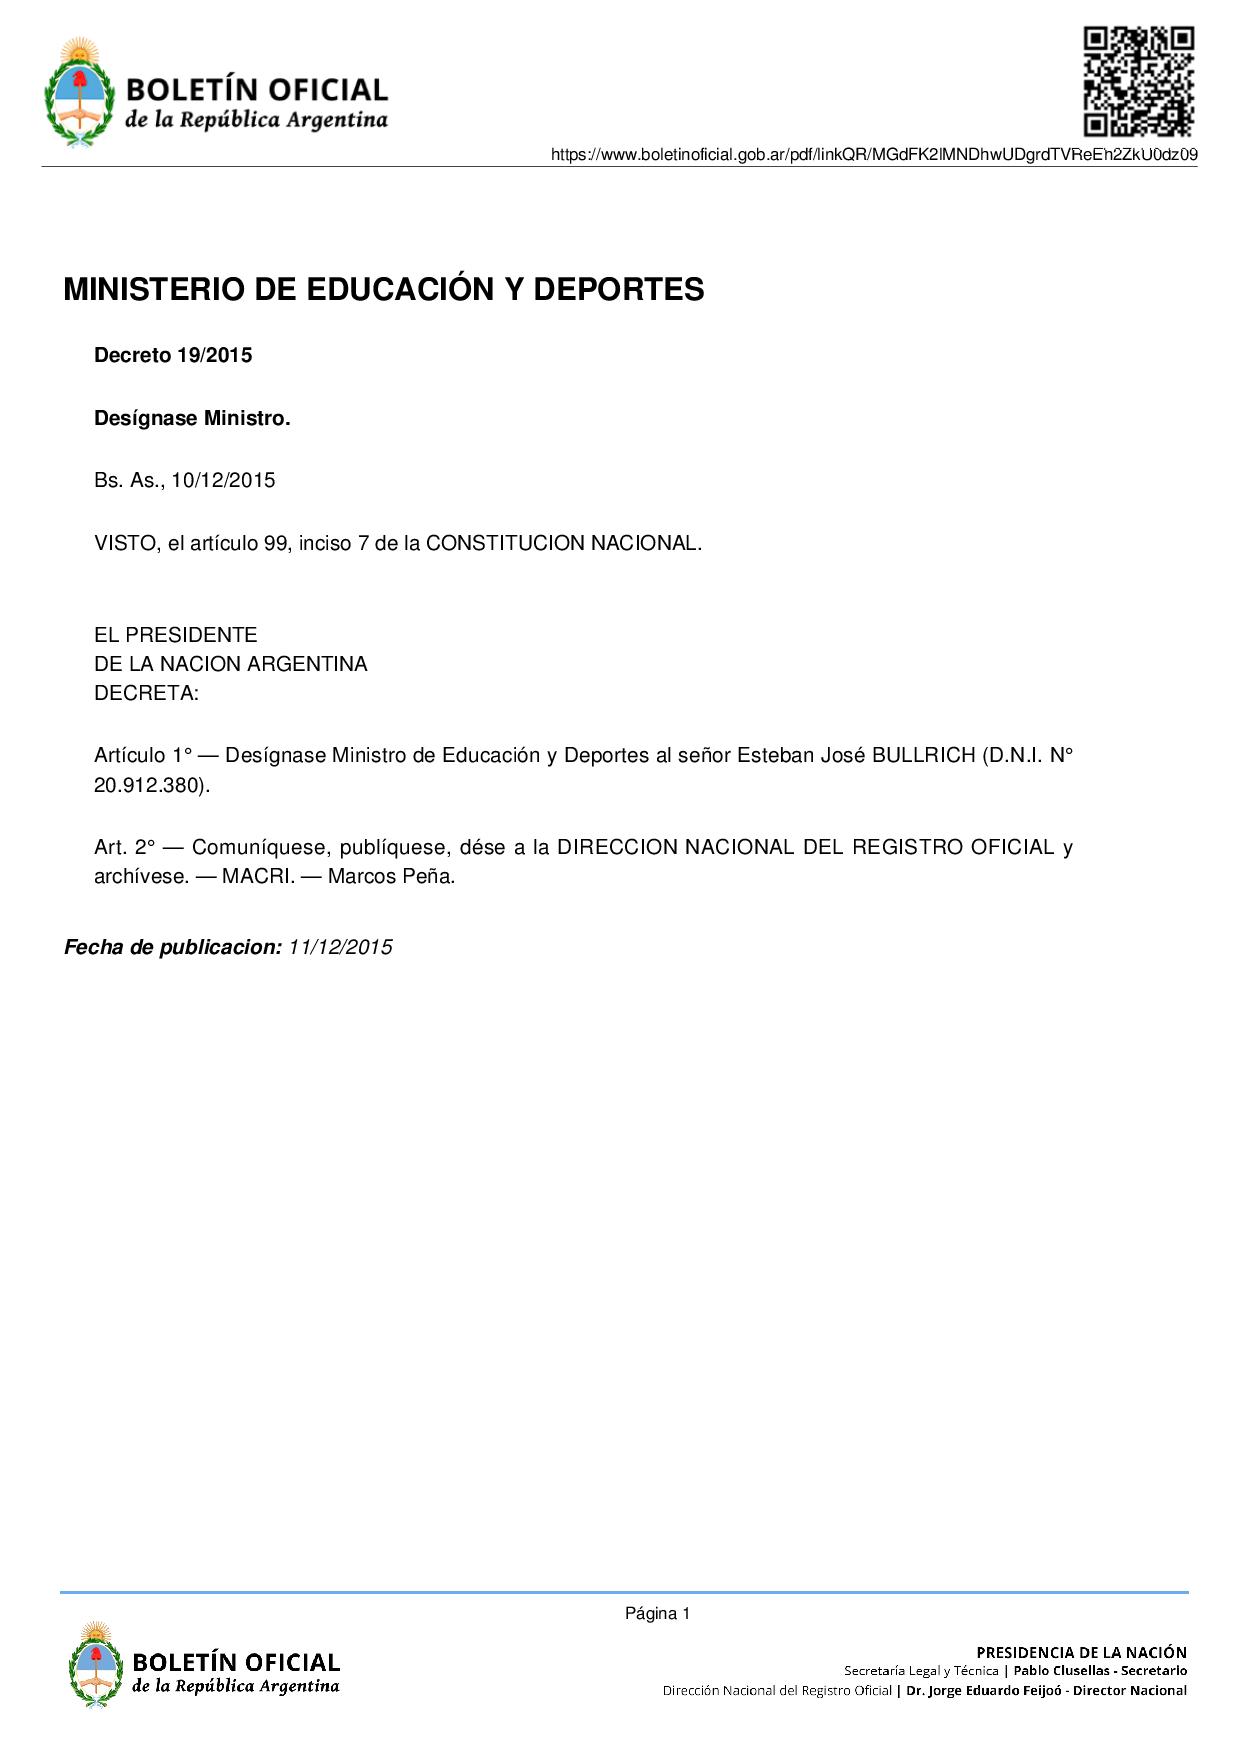 competencias del ley de ministerios decreto 13 2015